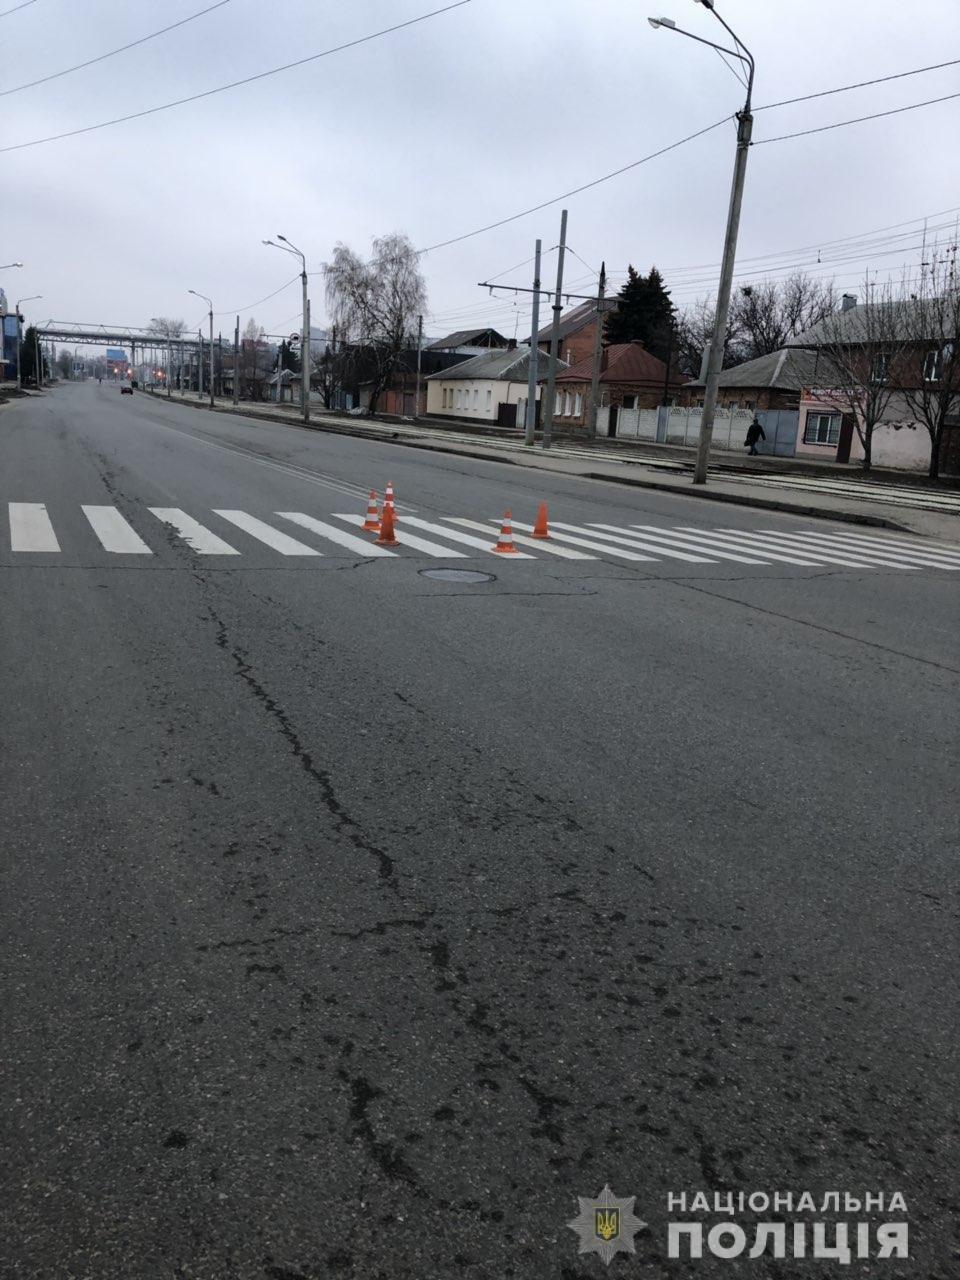 В Харькове автомобиль сбил пенсионерку. Полиция разыскивает свидетелей ДТП, - ФОТО, фото-1